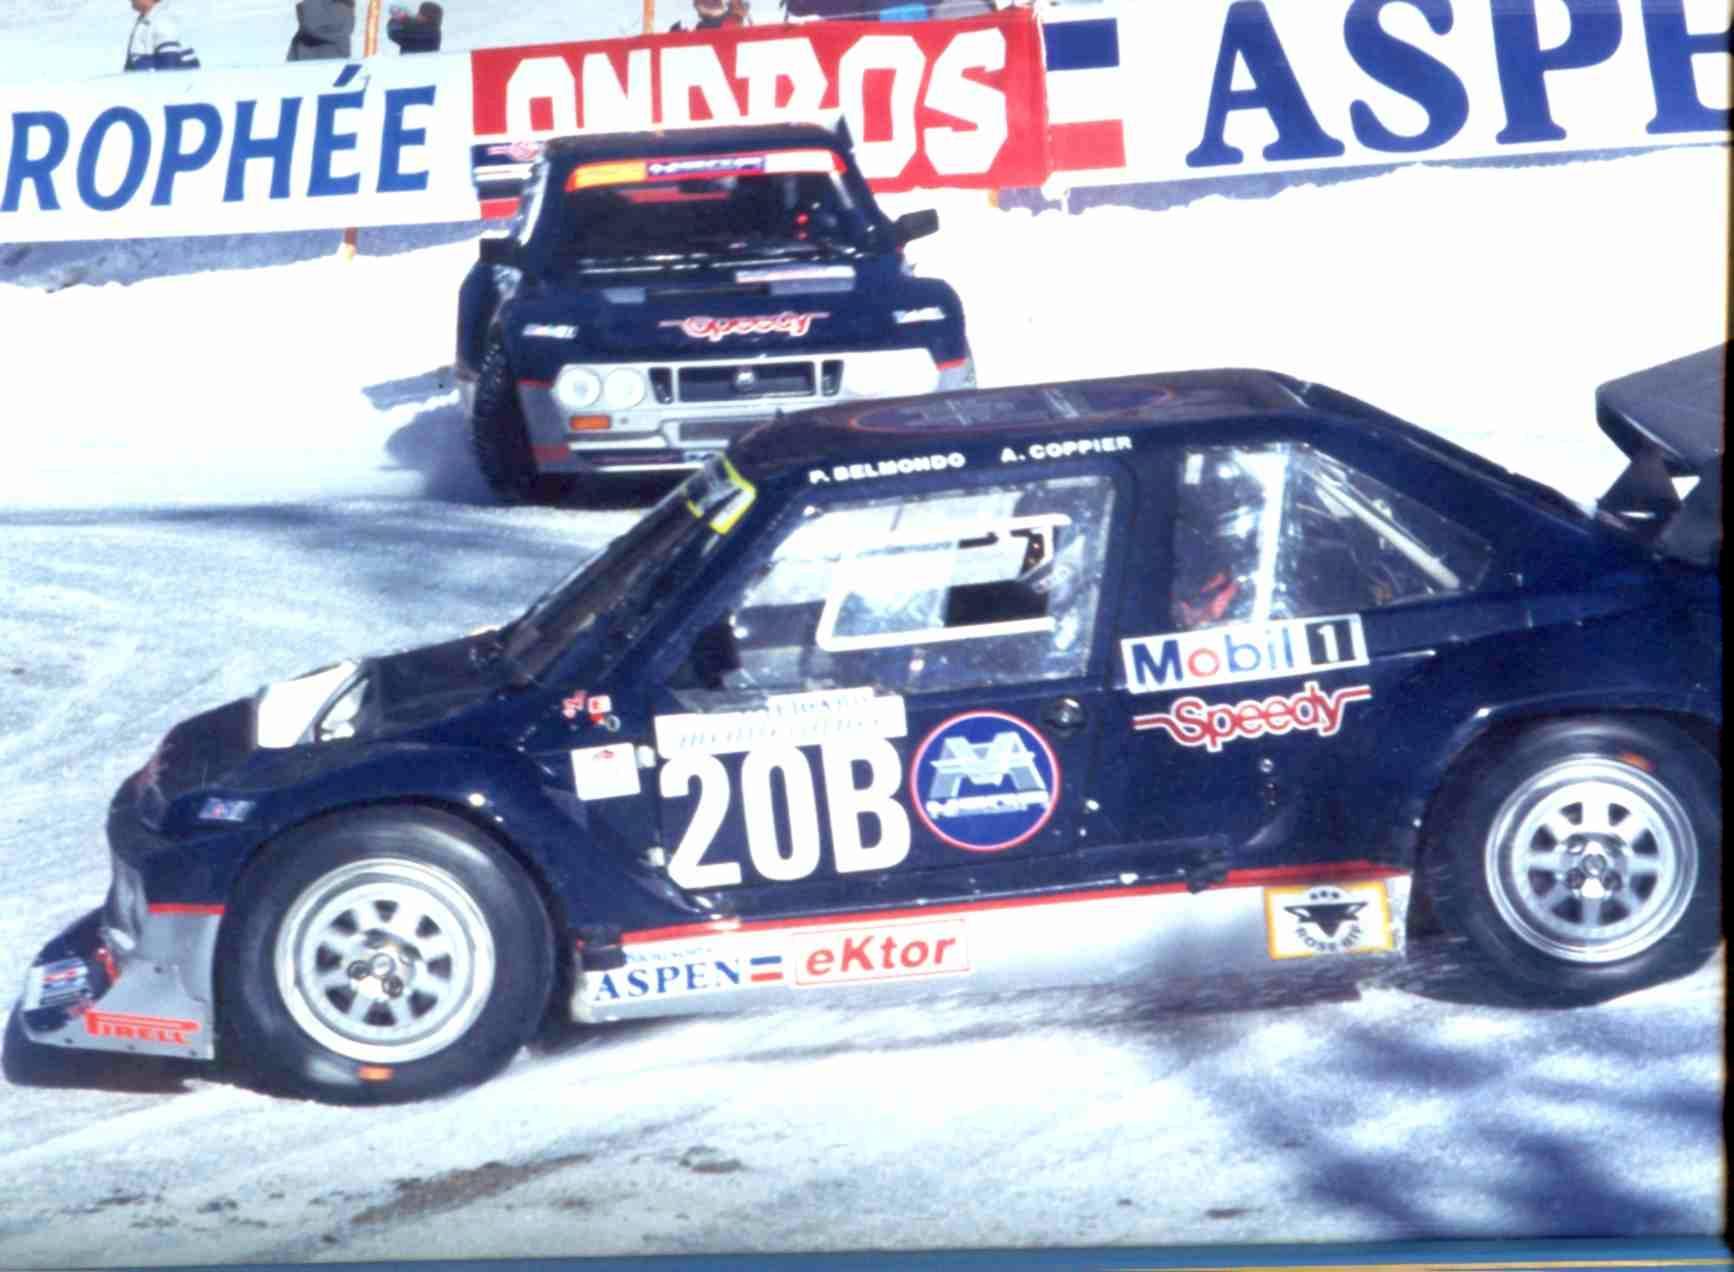 Troisième manche du Trophée Andros : victoire fulgurante d'Olivier Panis dans le sport auto